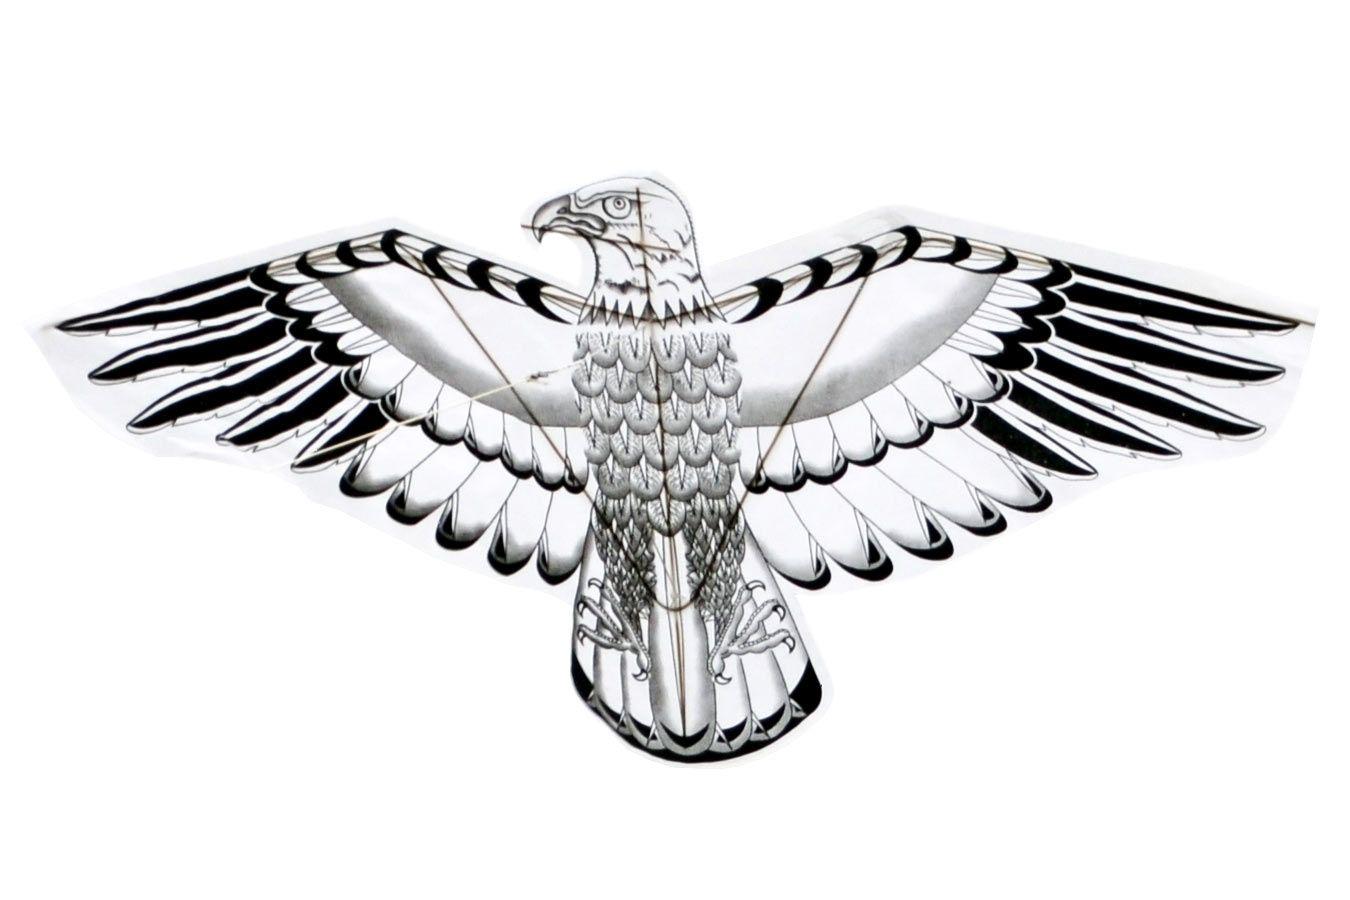 Змей воздушный Орел, раскраска с красками [ZBQCO]